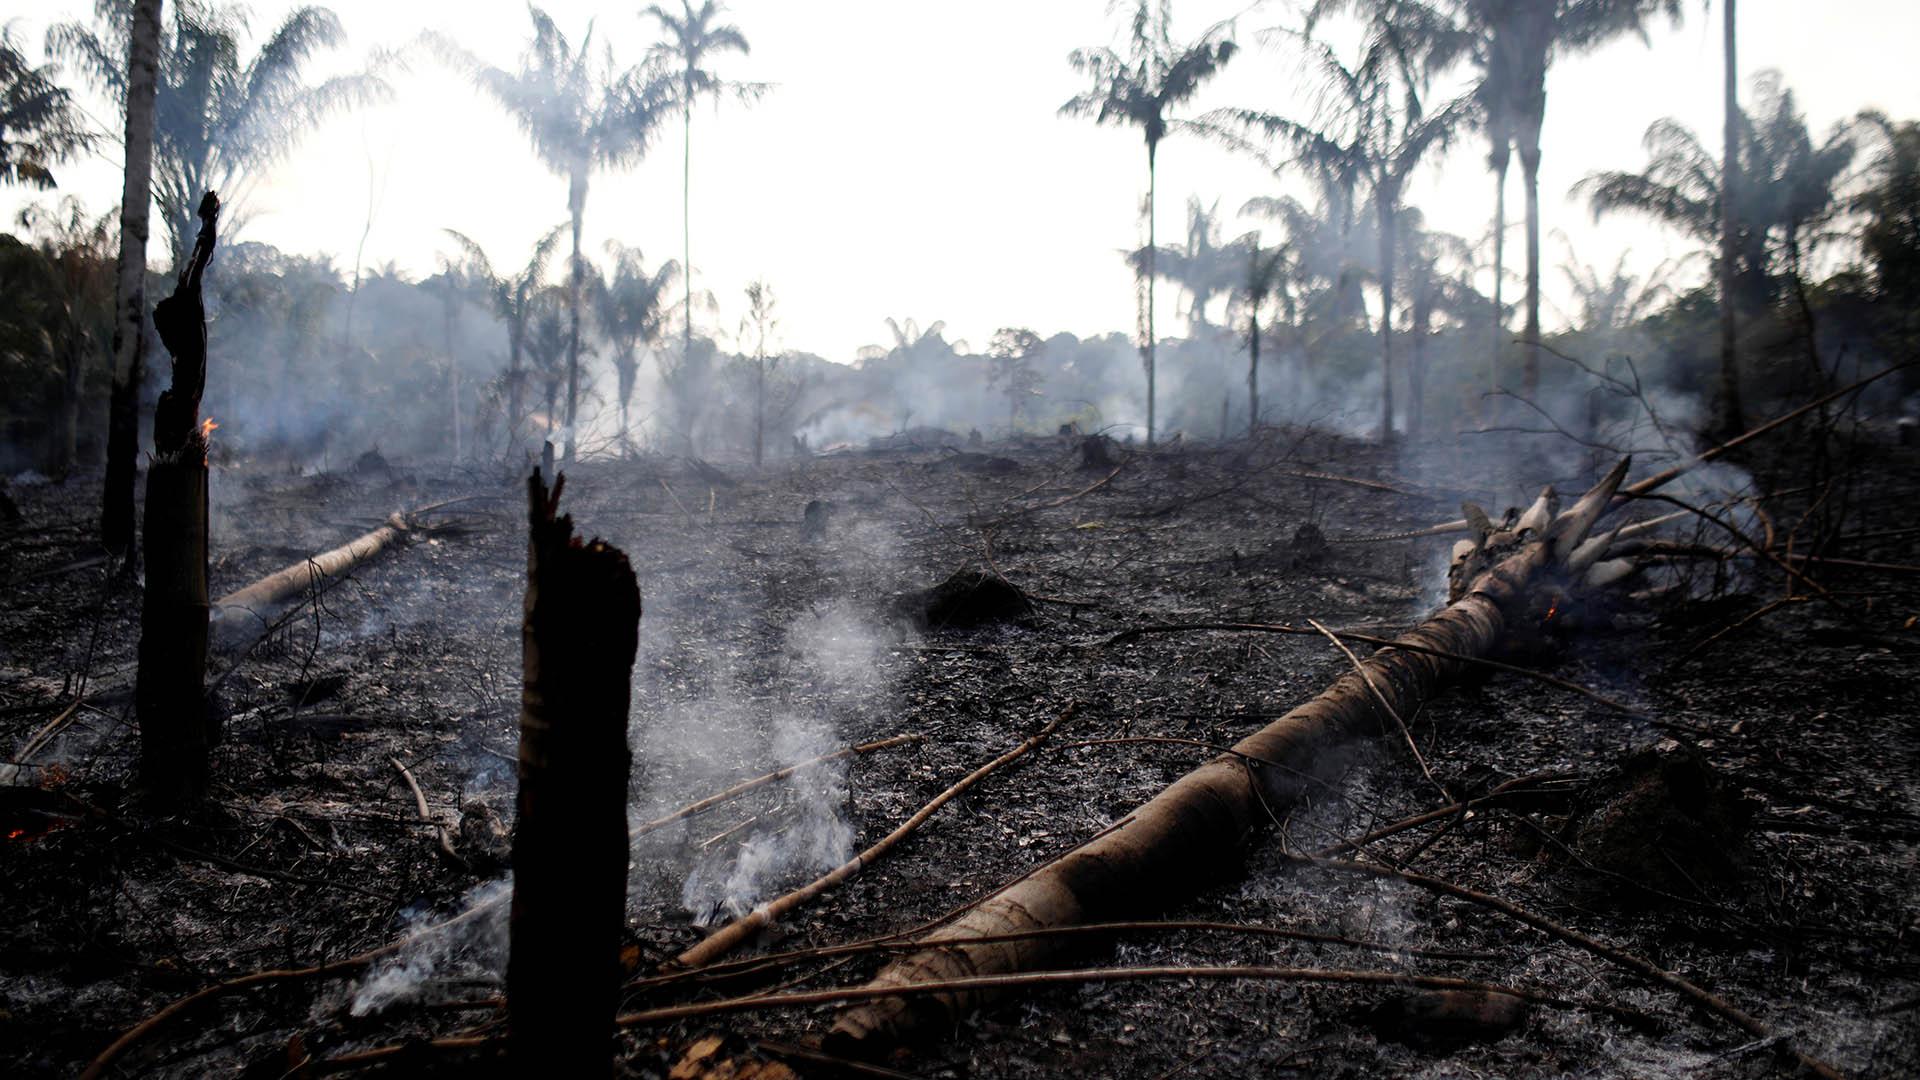 El fuego arrasó varios sectores de la Amazonía (Reuters/ Bruno Kelly)